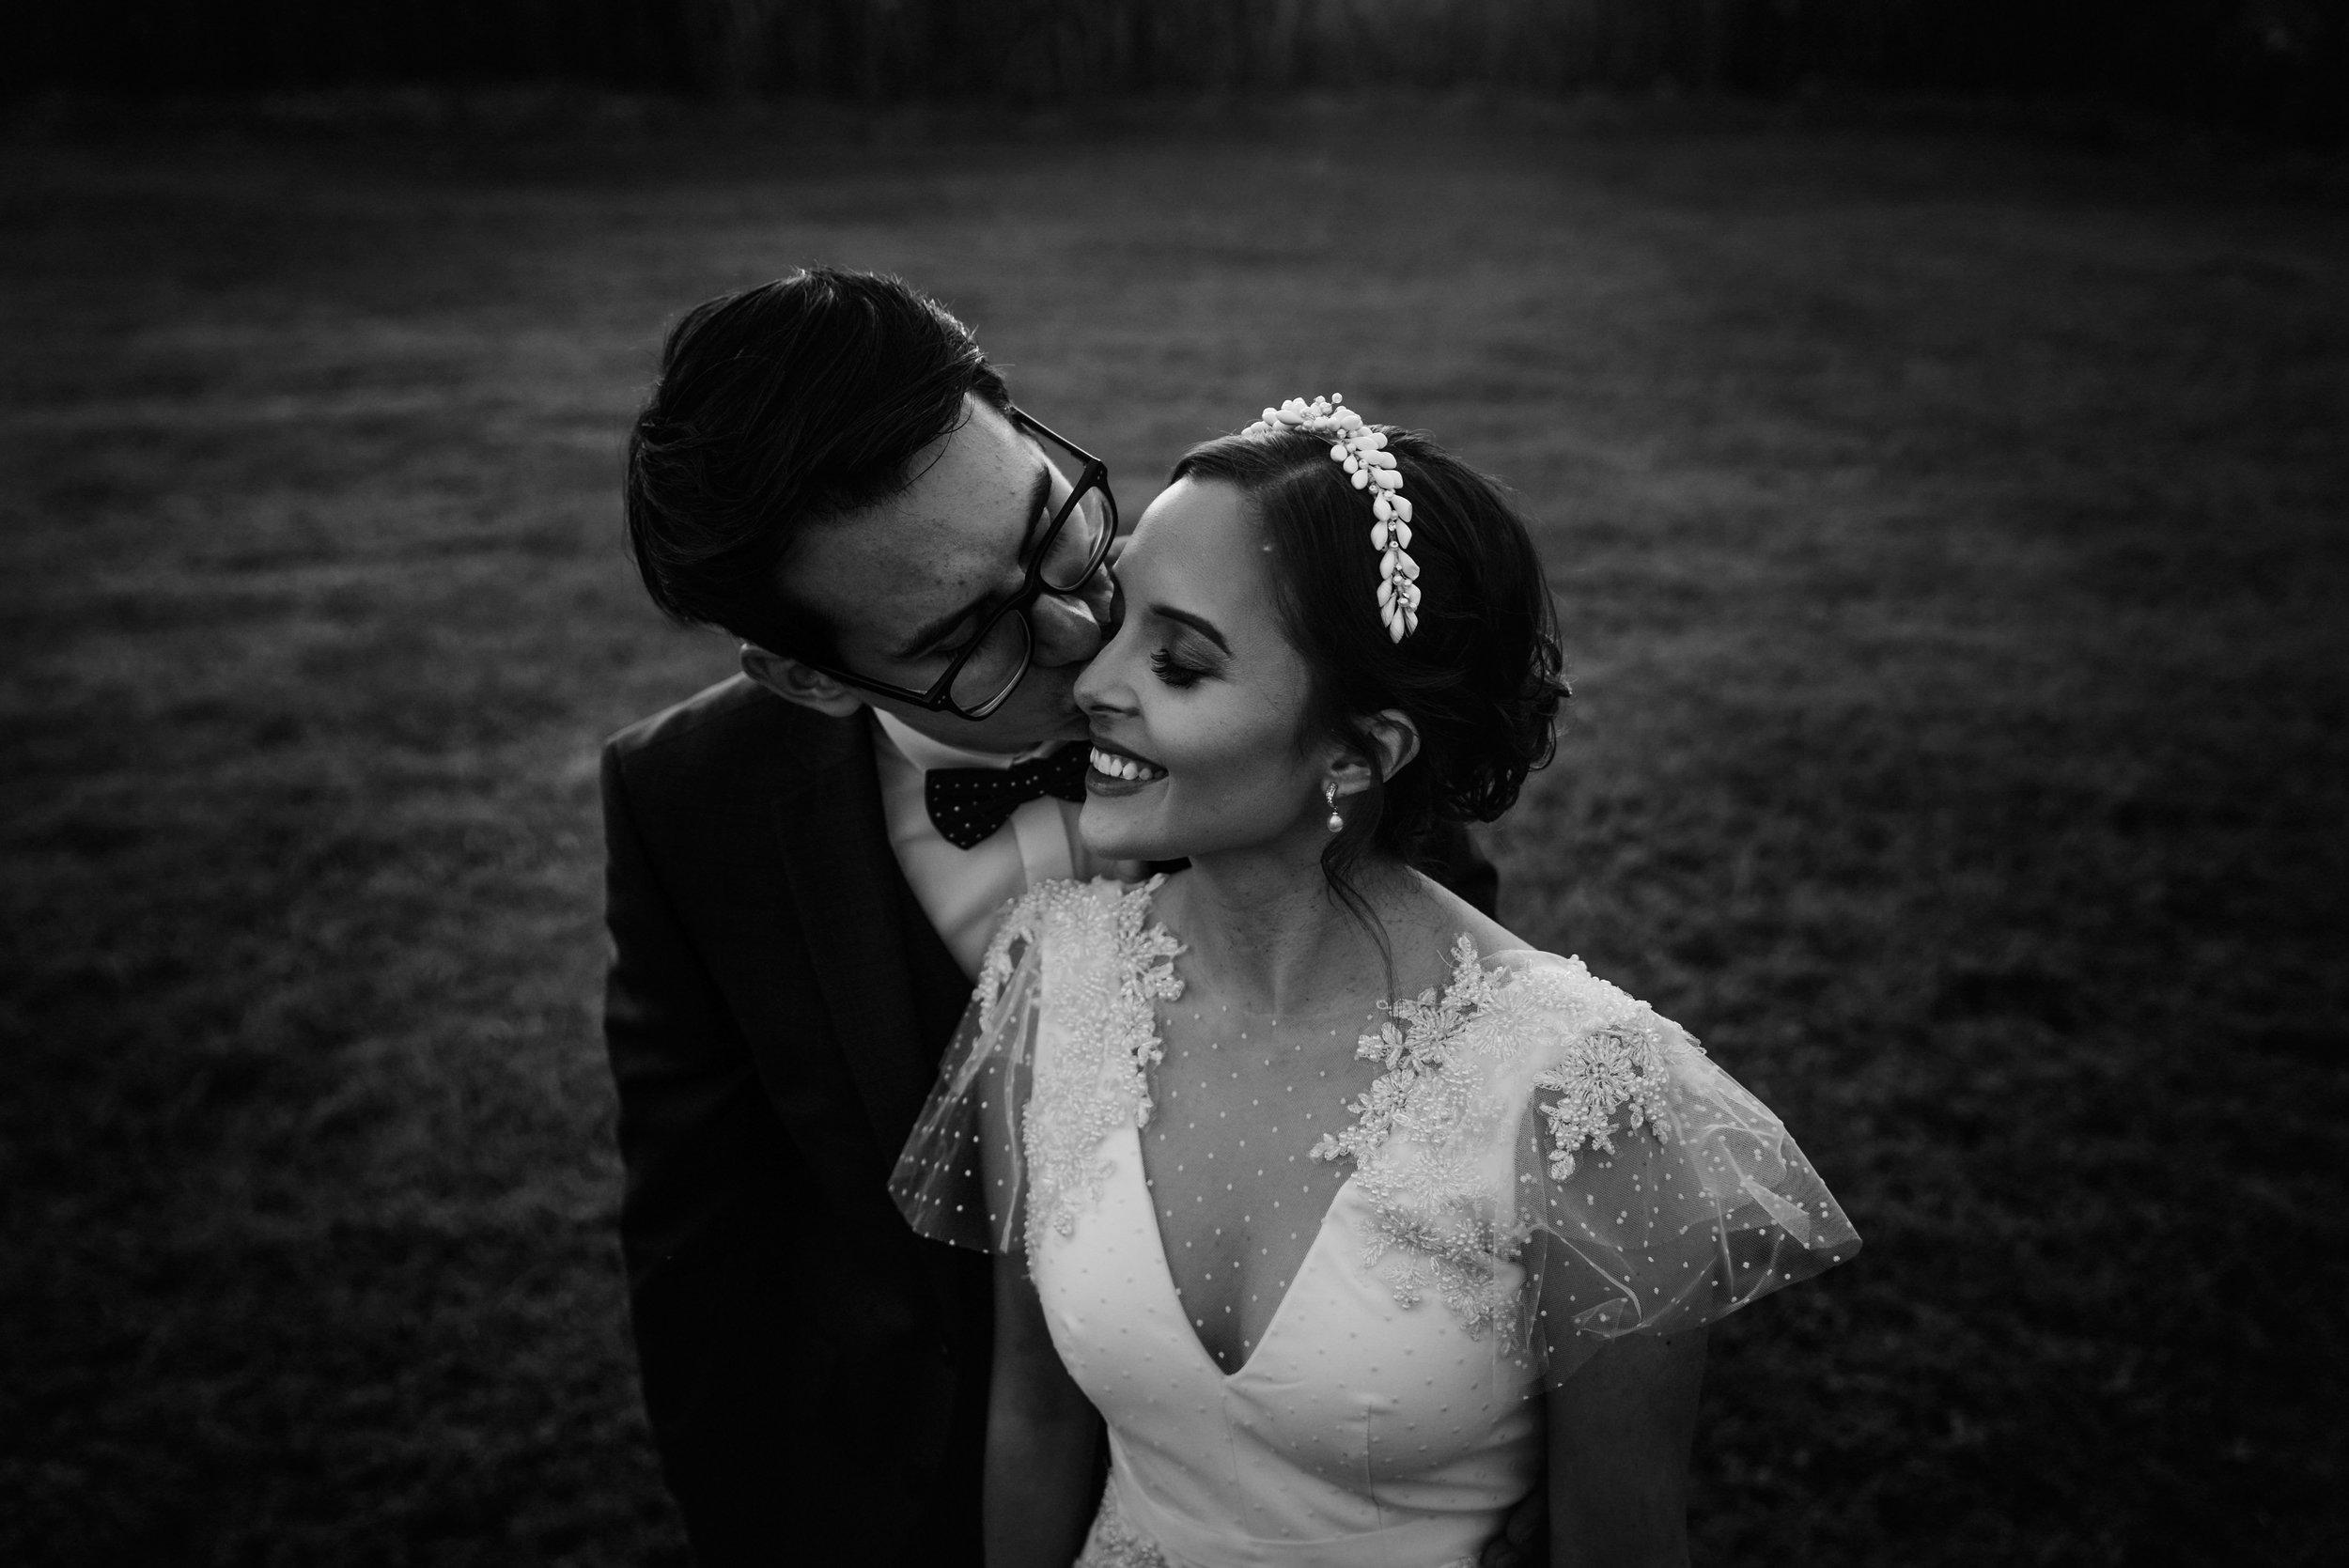 MEPH_2018 17 de Noviembre_Boda Brenda y Darius_Hacienda Huaxtla_0116-exp.jpg